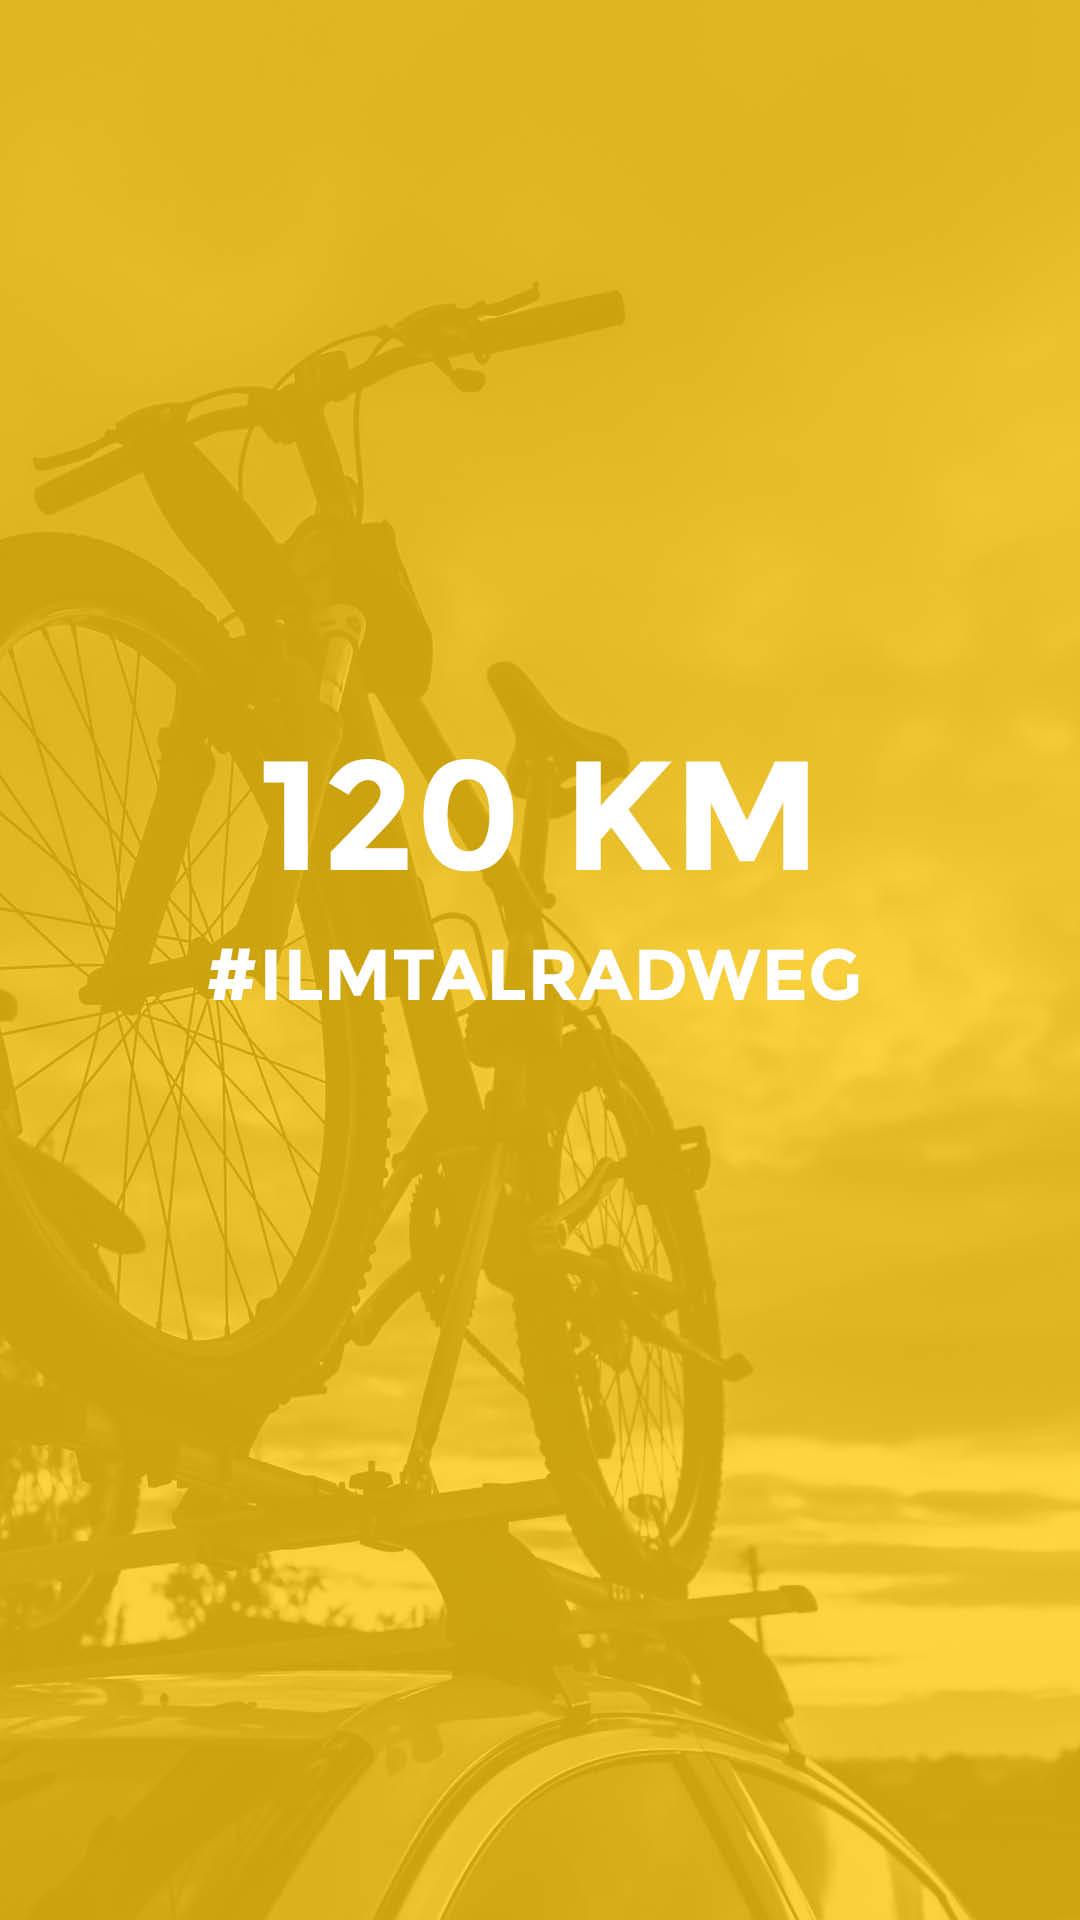 120 km auf dem Ilmtalradweg durchgeführt vom Werra Bikes